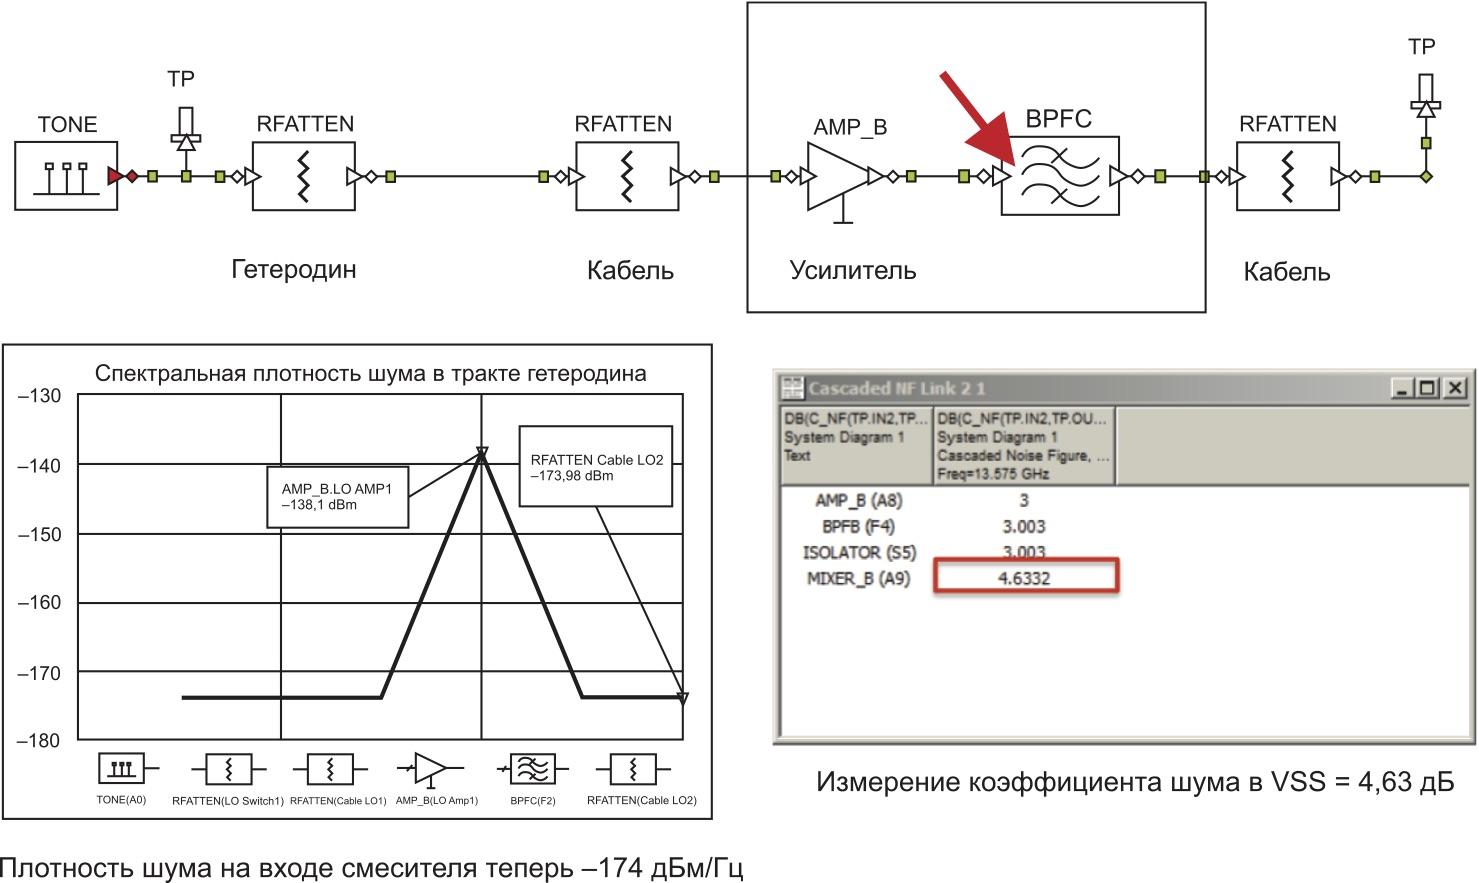 Добавление фильтра на выходе усилителя для снижения плотности и коэффициента шума